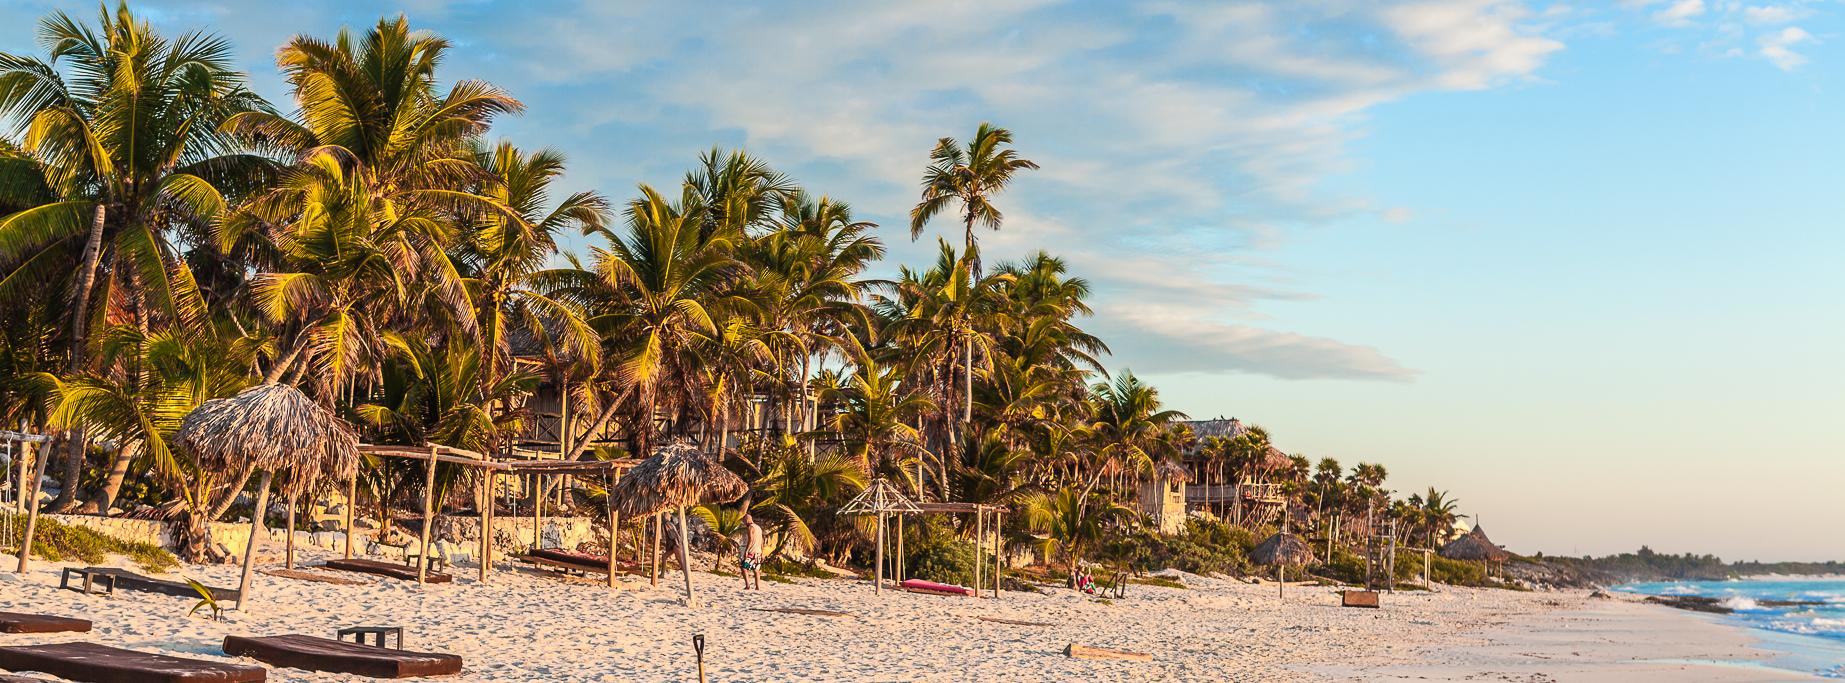 Karibik_3153_Strand_04